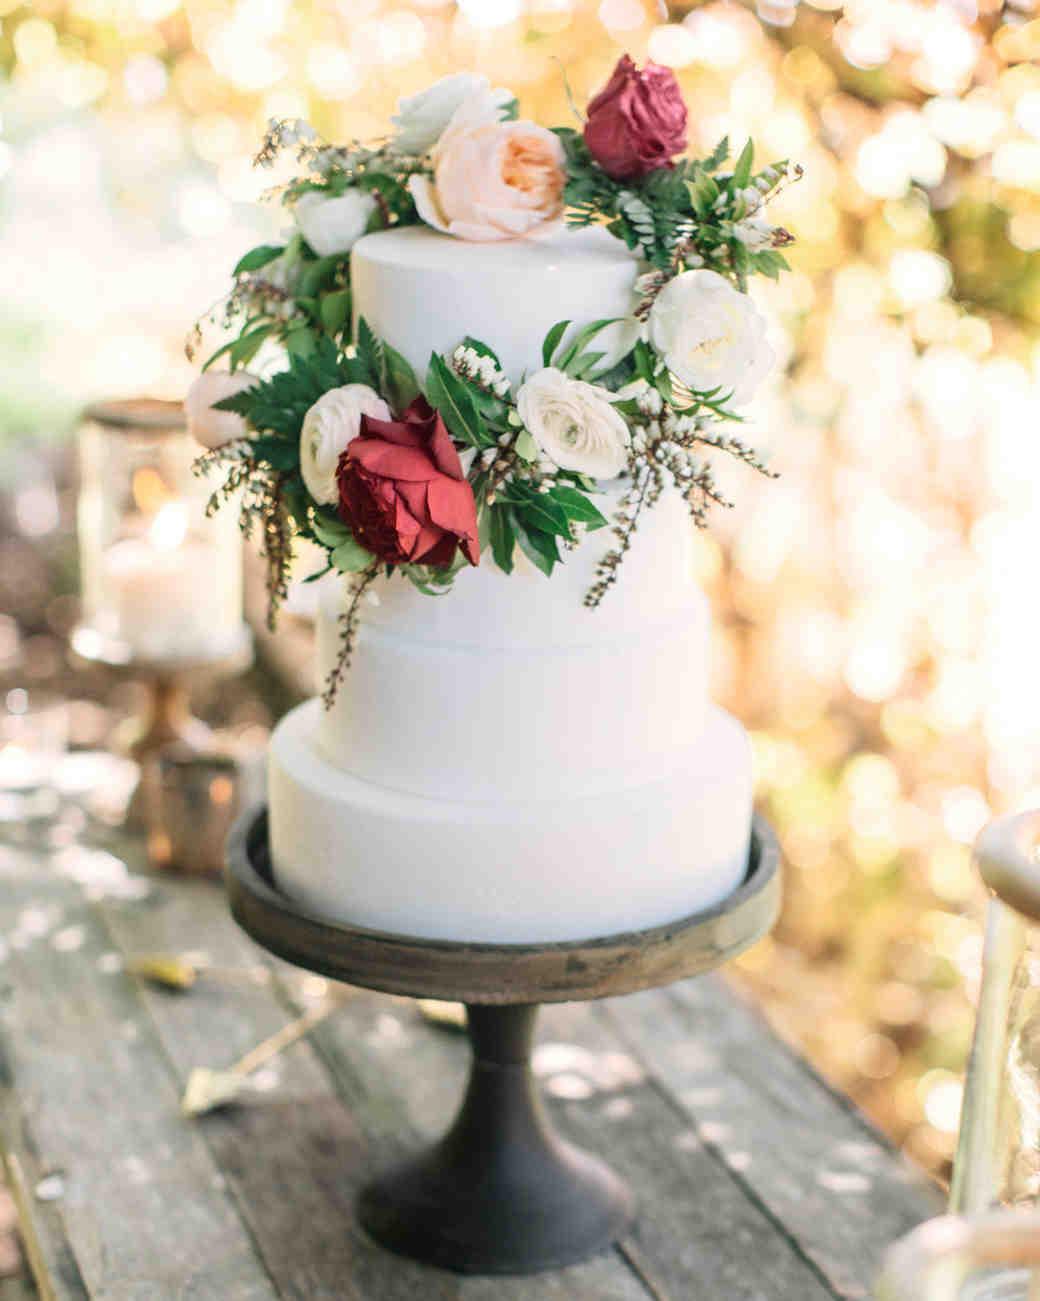 wedding wreath with roses decorating white wedding cake